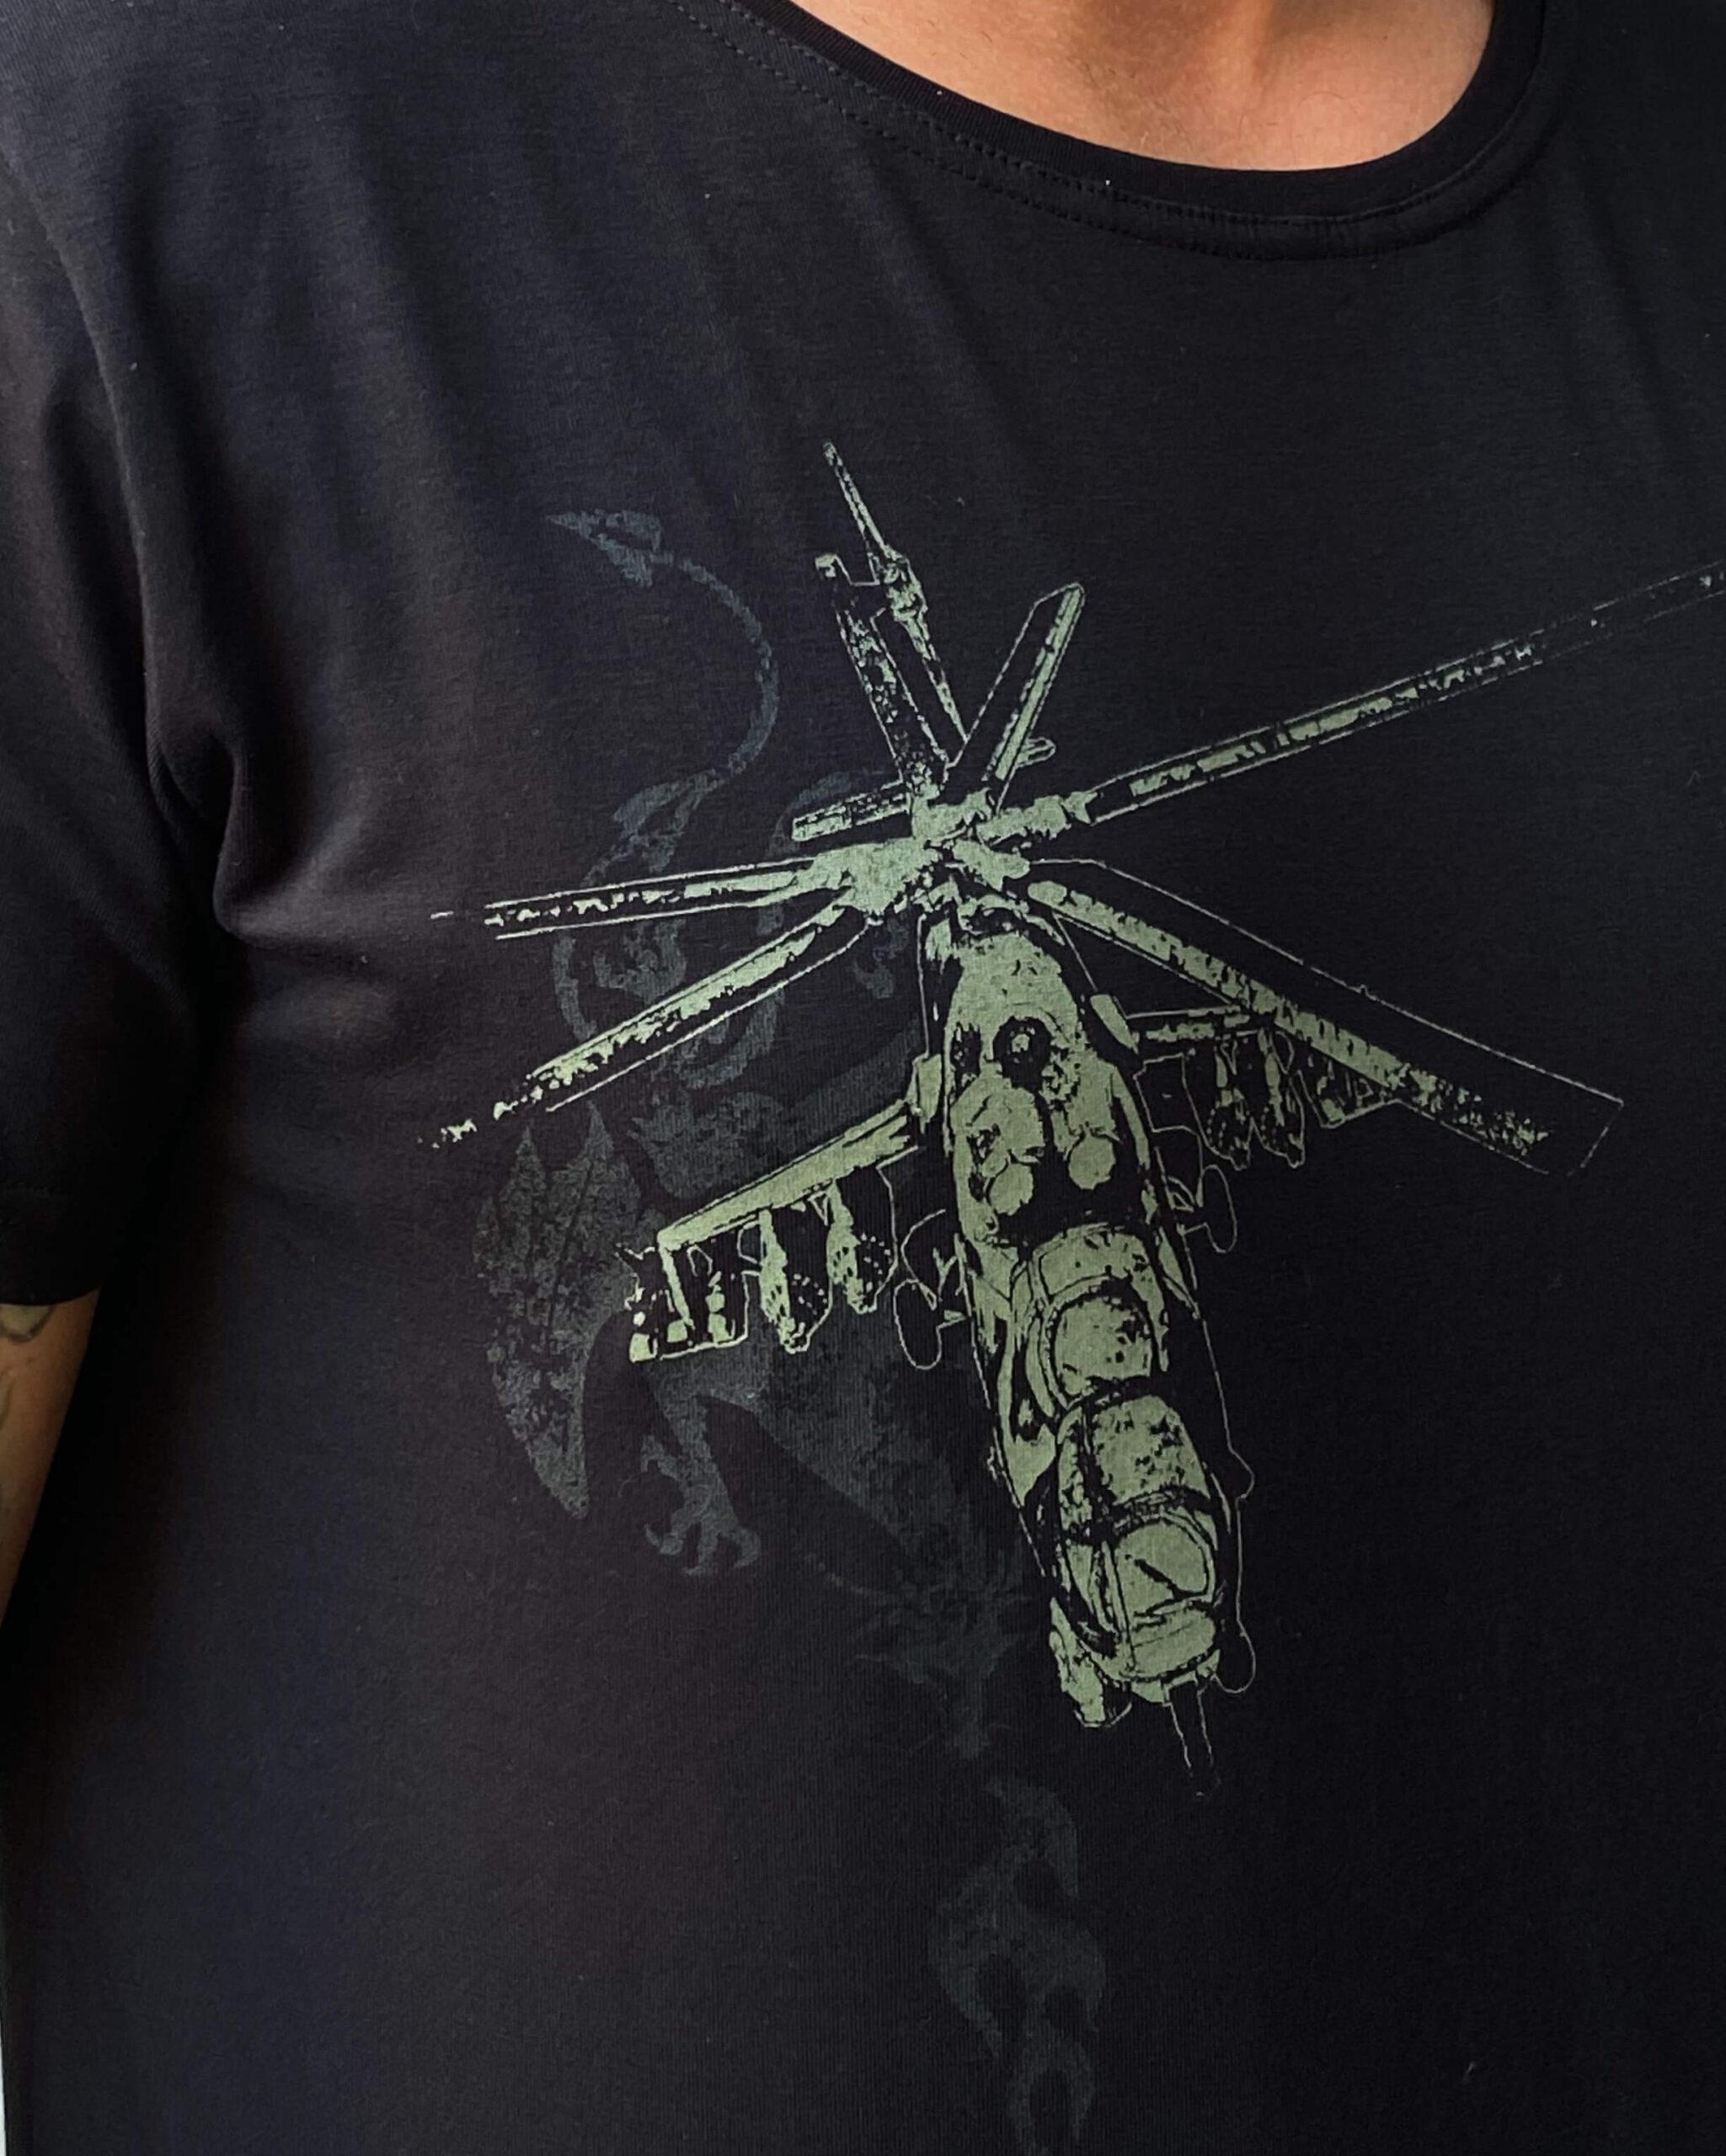 Чоловіча Футболка Вогонь Запеклих 3.0. Color black.  На жіночій фігурі футболка виглядає просто чудово!  Матеріал: 95% бавовна, 5% спандекс.